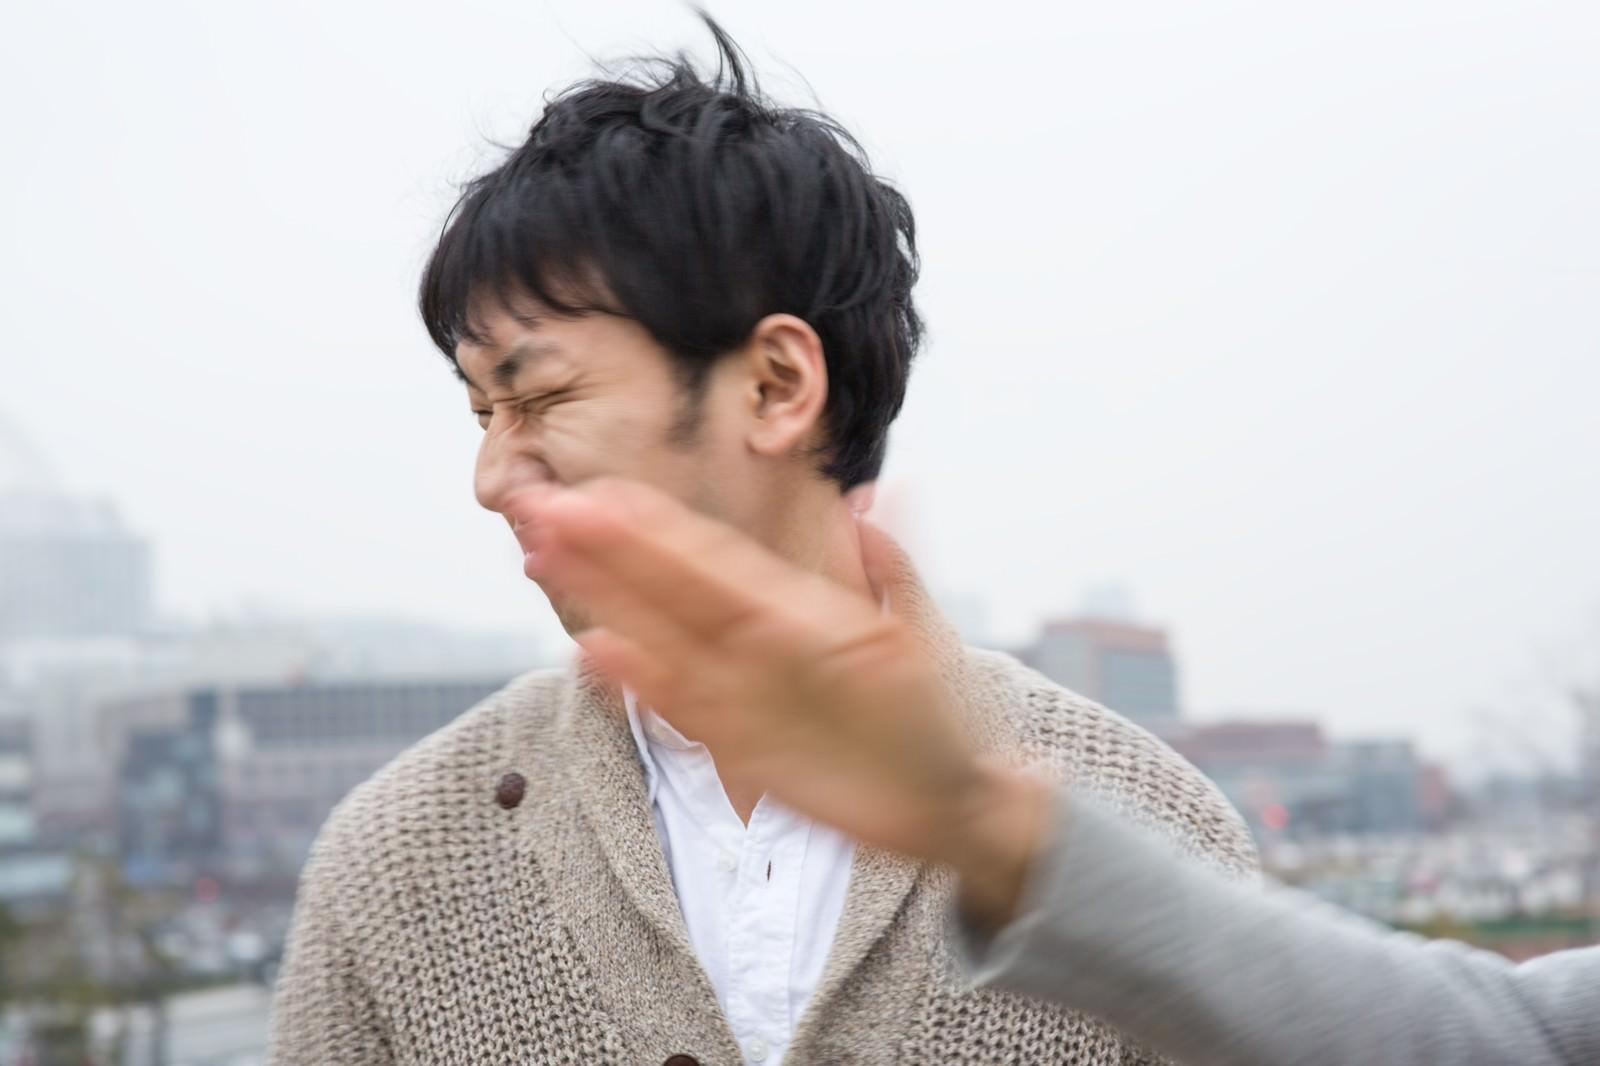 「キモい彼氏に平手打ち」の写真[モデル:大川竜弥]